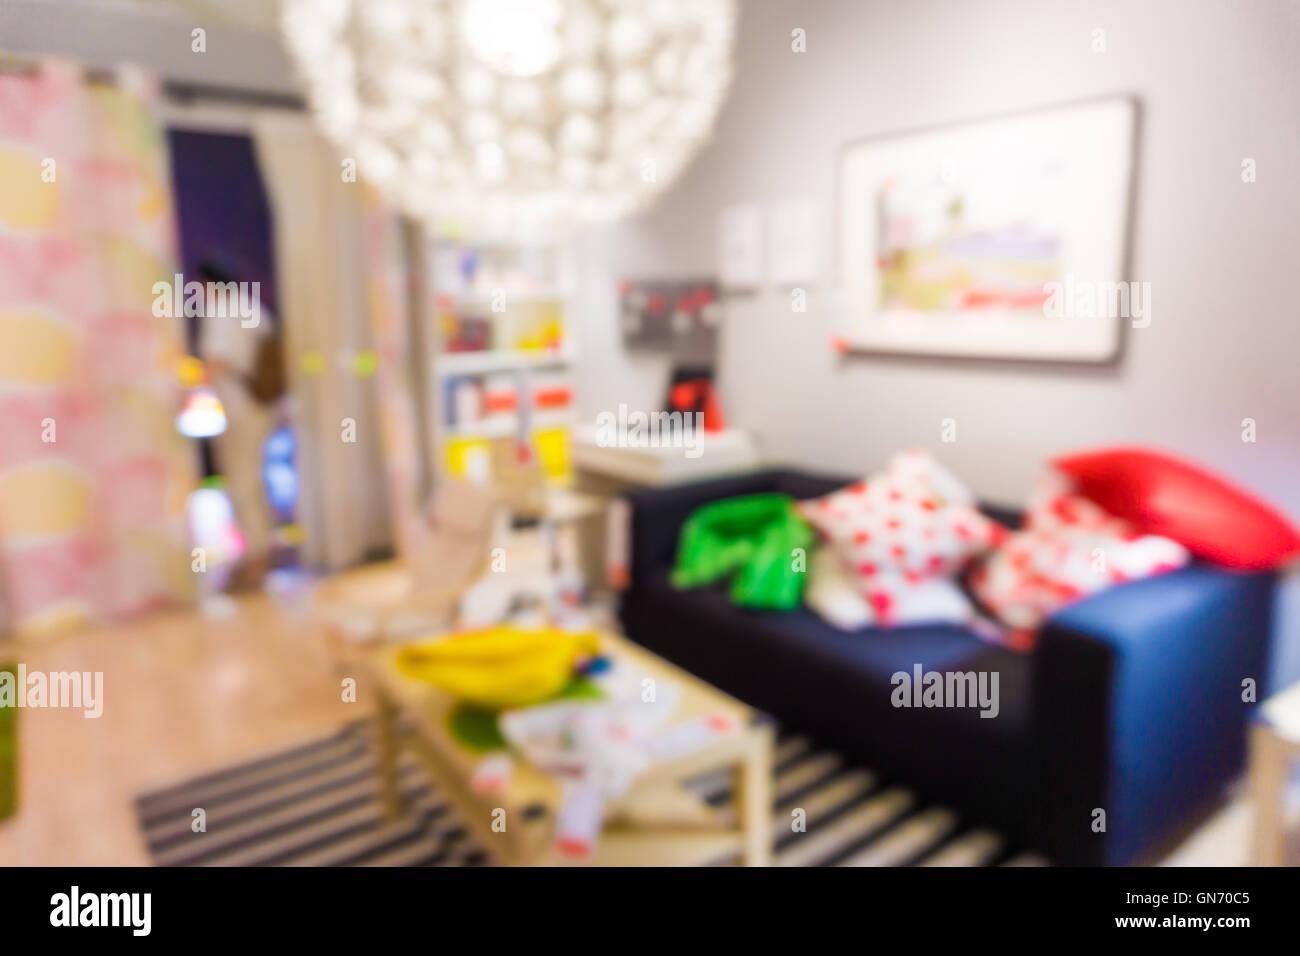 Der Hintergrund jedoch unscharf Wohnzimmer, Möbel im Zimmer ...